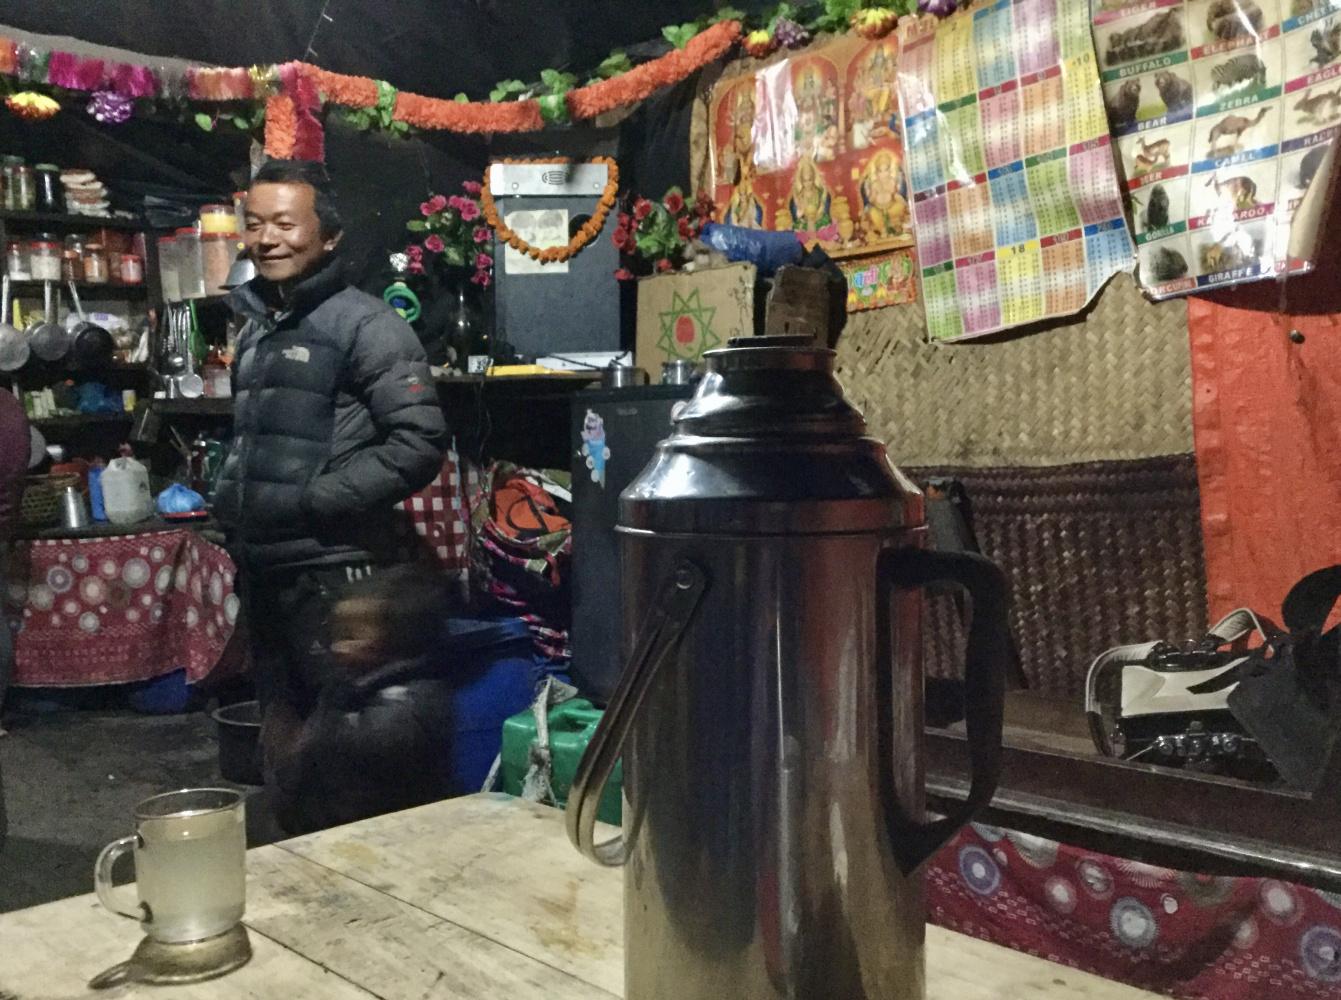 Монг трек после локдаунов (13 ноября - 4 декабря 2020). Или не всем трусам в Сагарматхе покоряется Чукхунг.